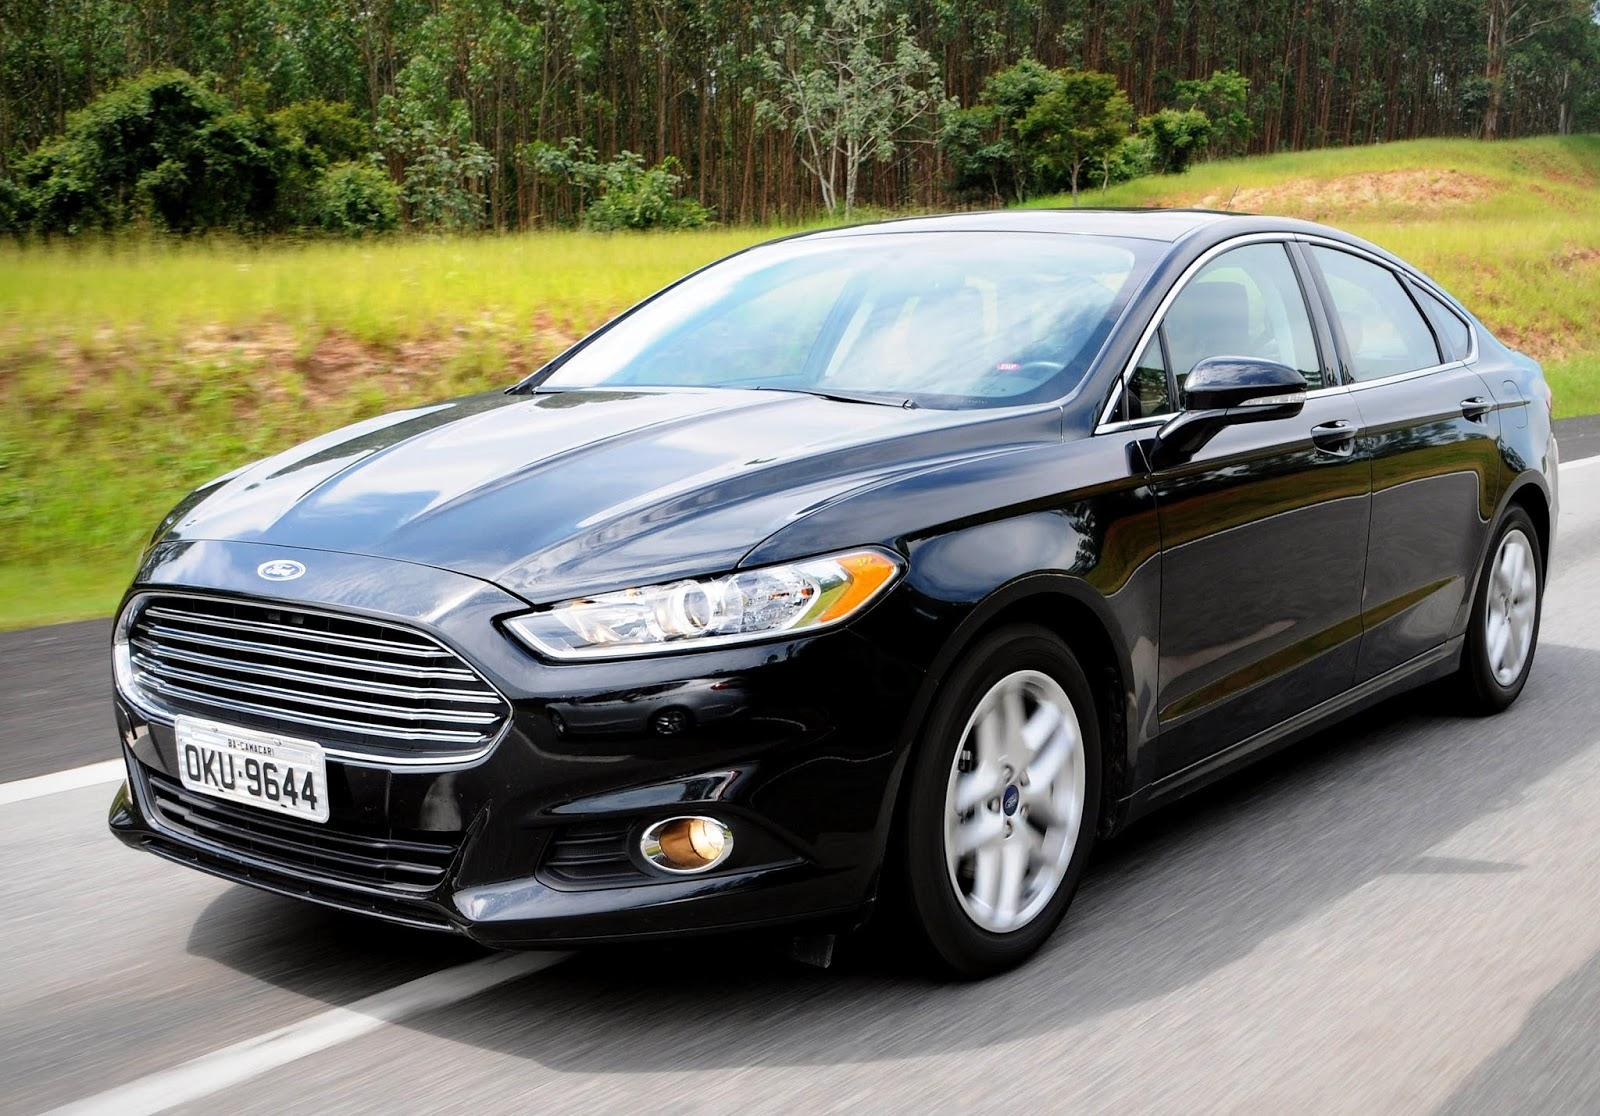 Carros Tunados: Ford Fusion Carros